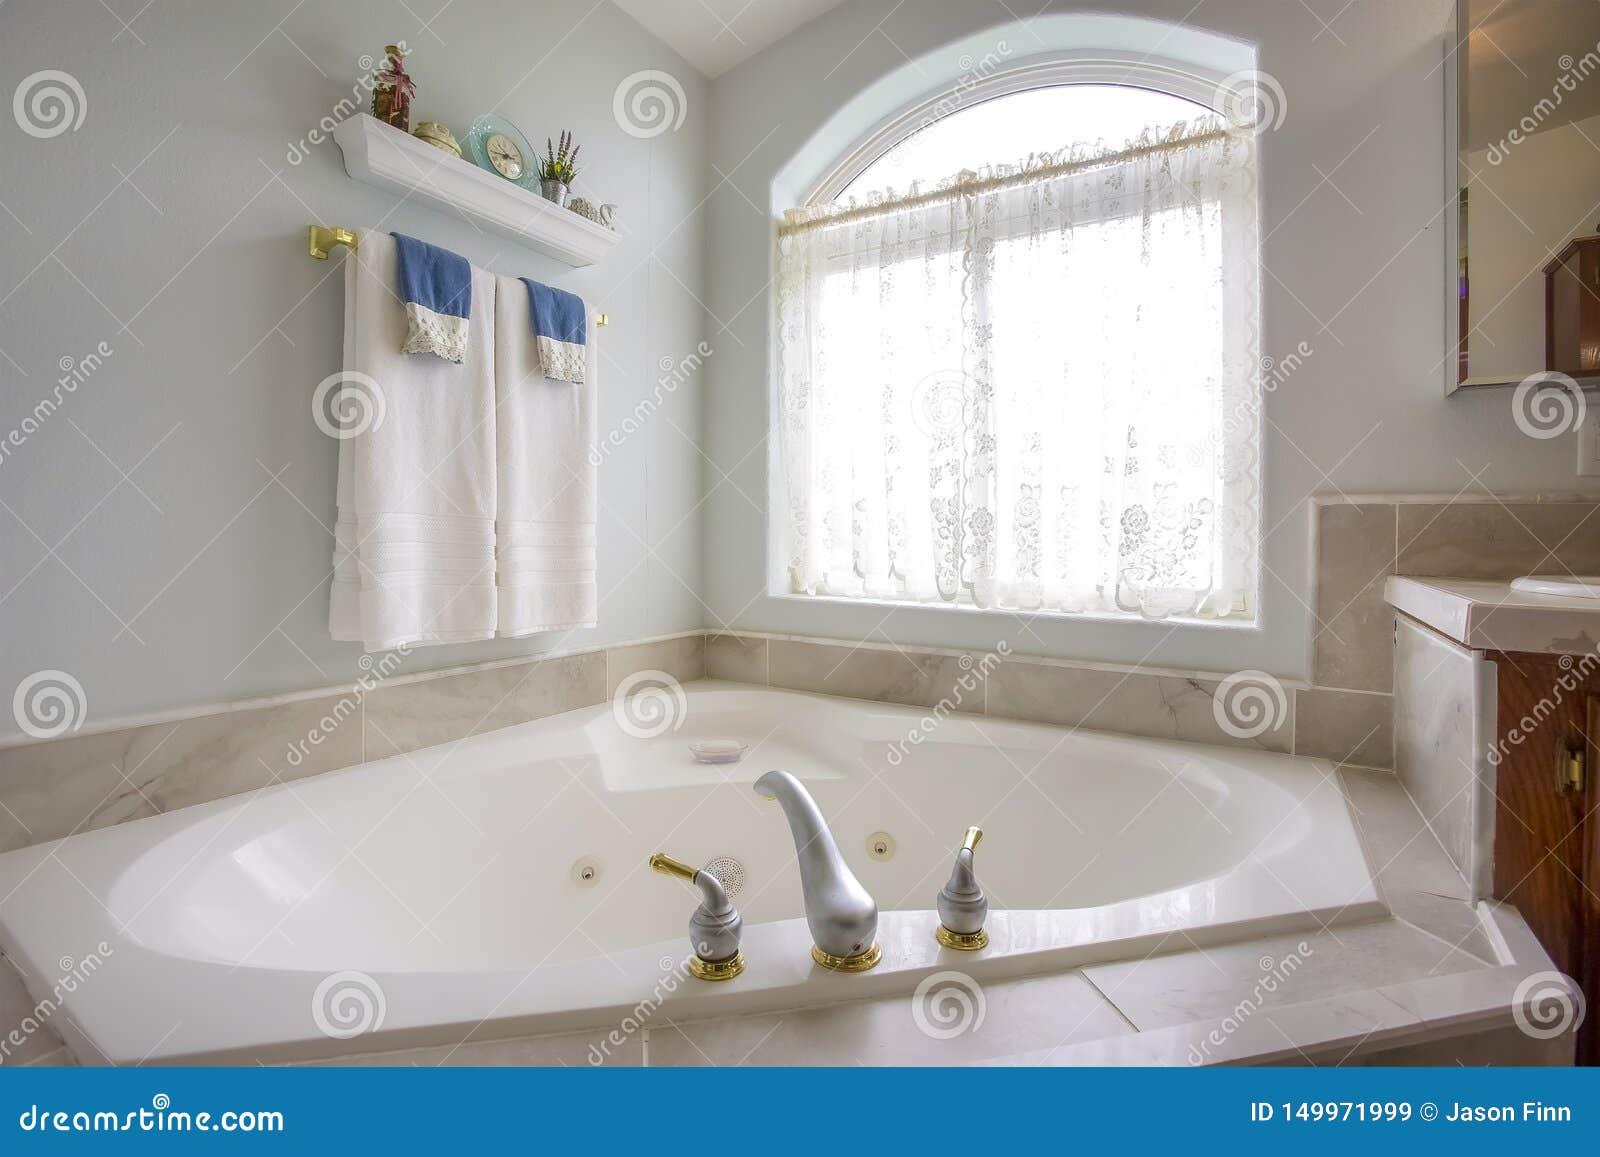 Ванна с с золотом и серебряным faucet около сдобренного окна с занавесом